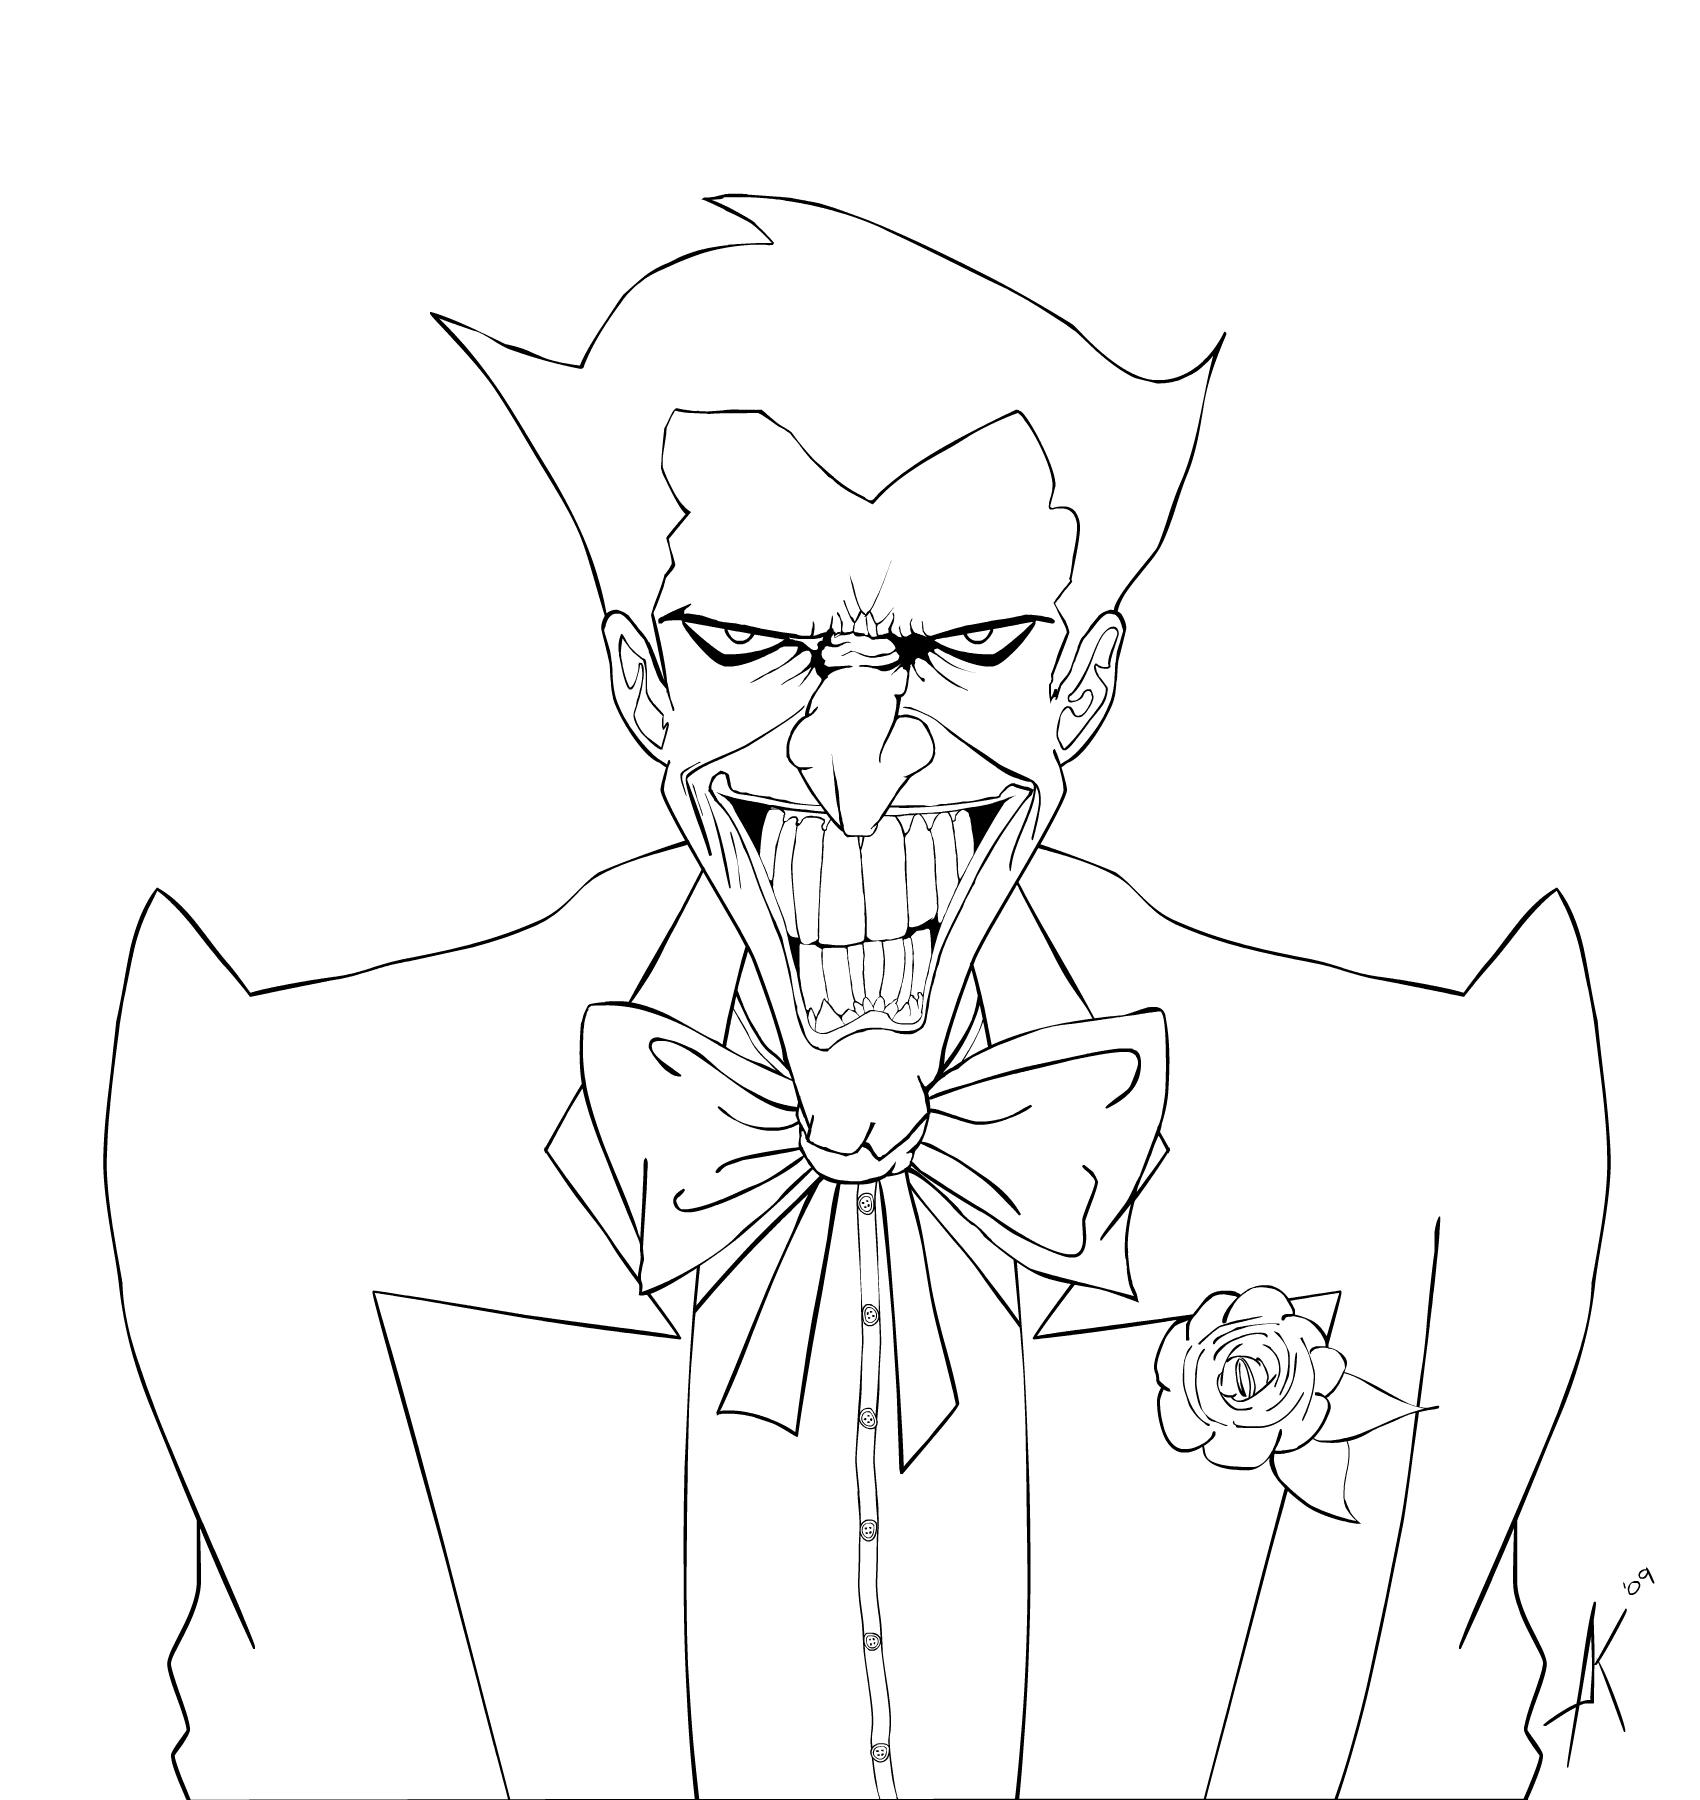 The Line Art : Joker lineart by heartlessomen on deviantart